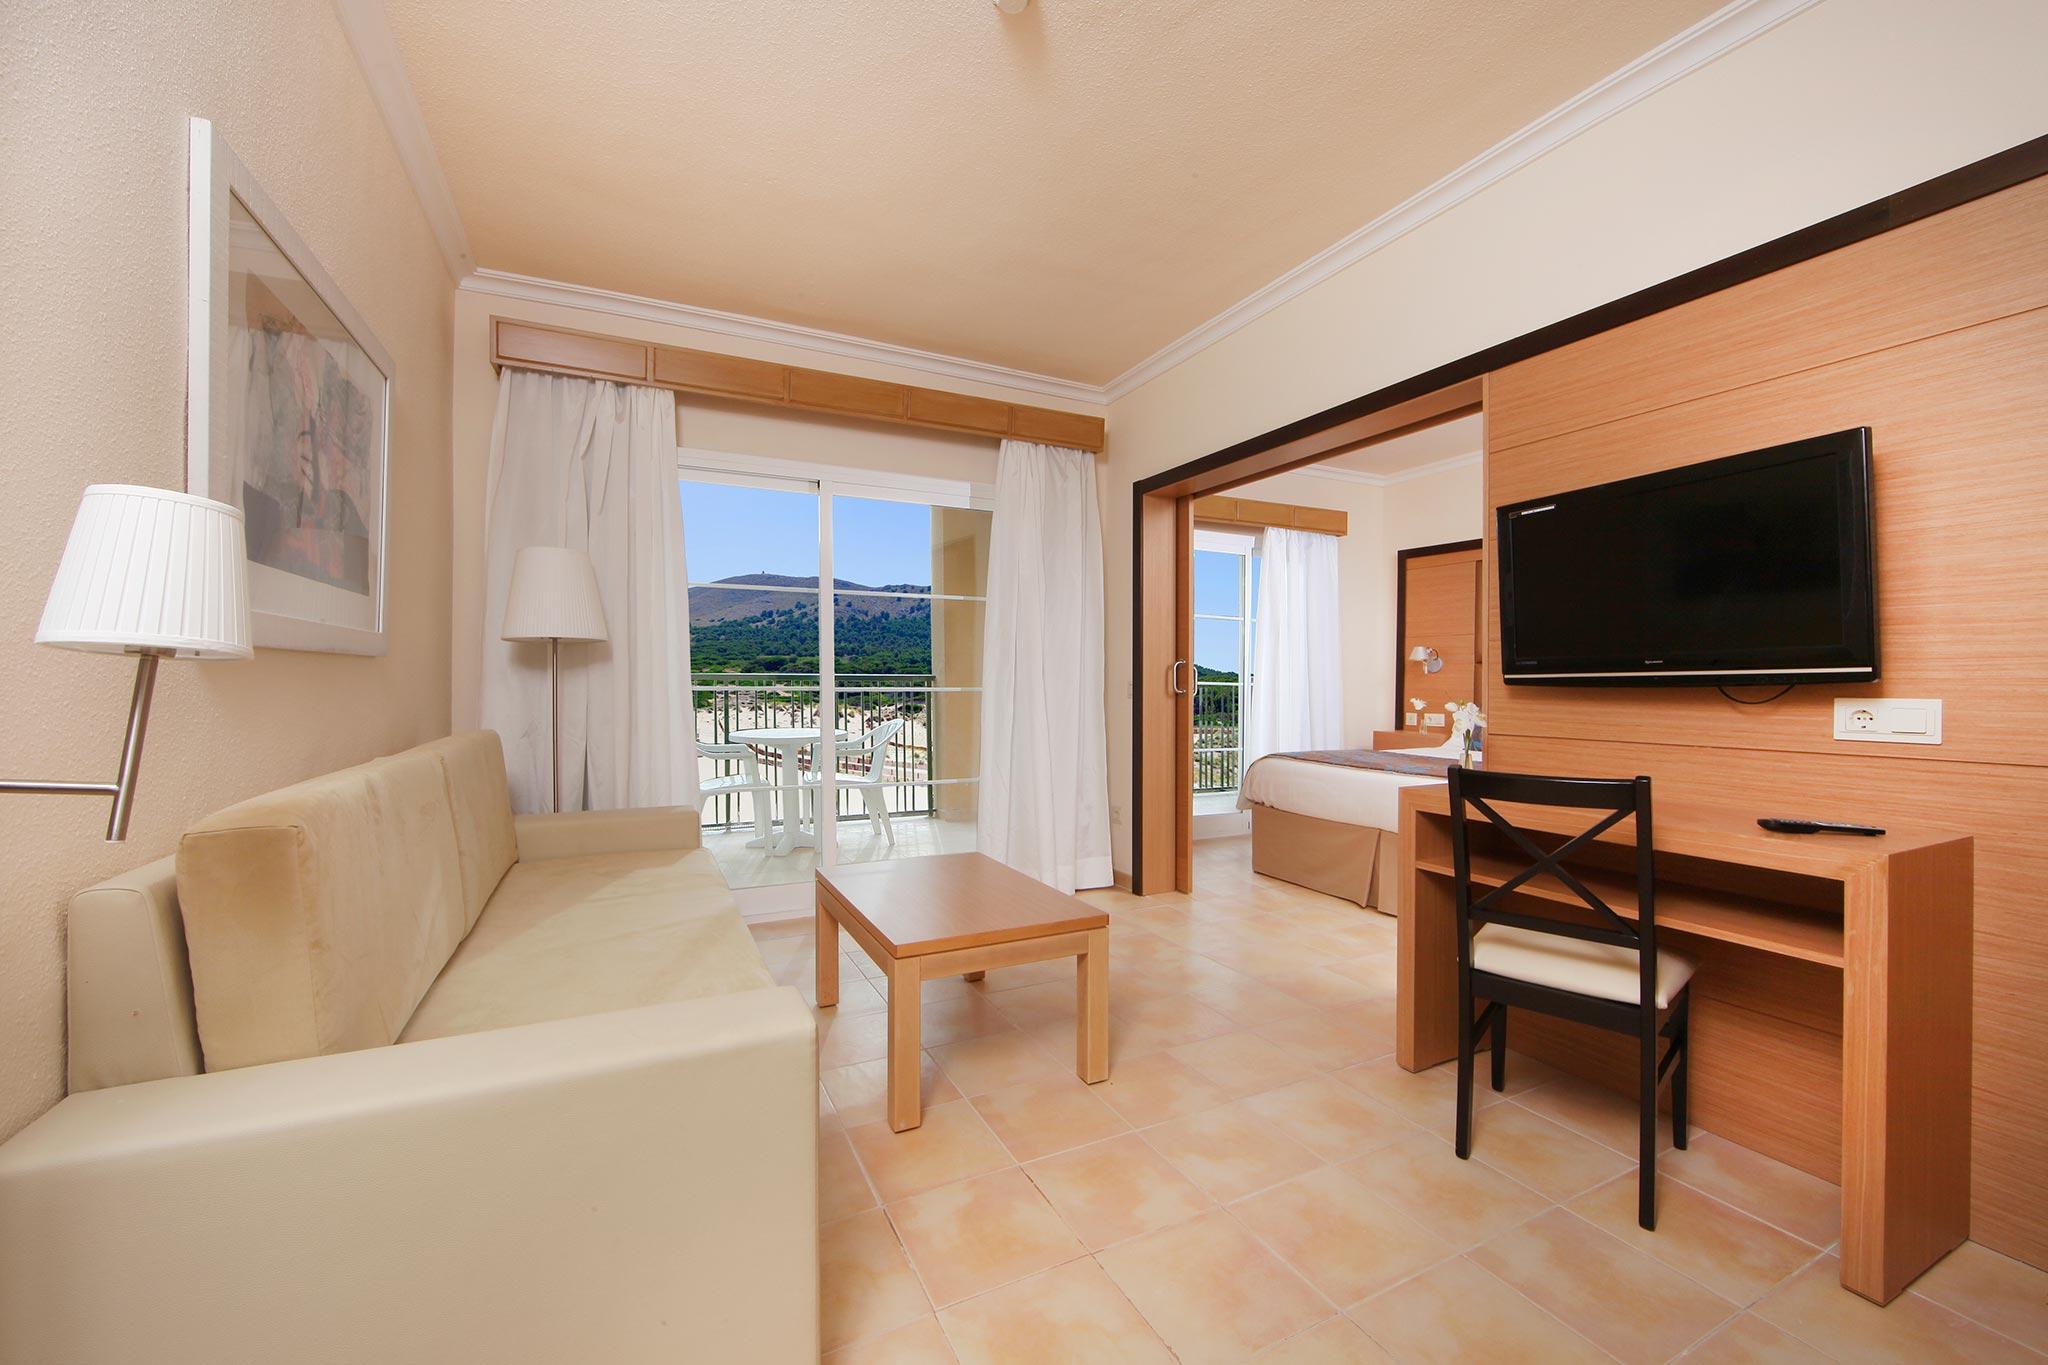 Zimmer hotel zafiro cala mesquida bilder und for Zimmer hotel